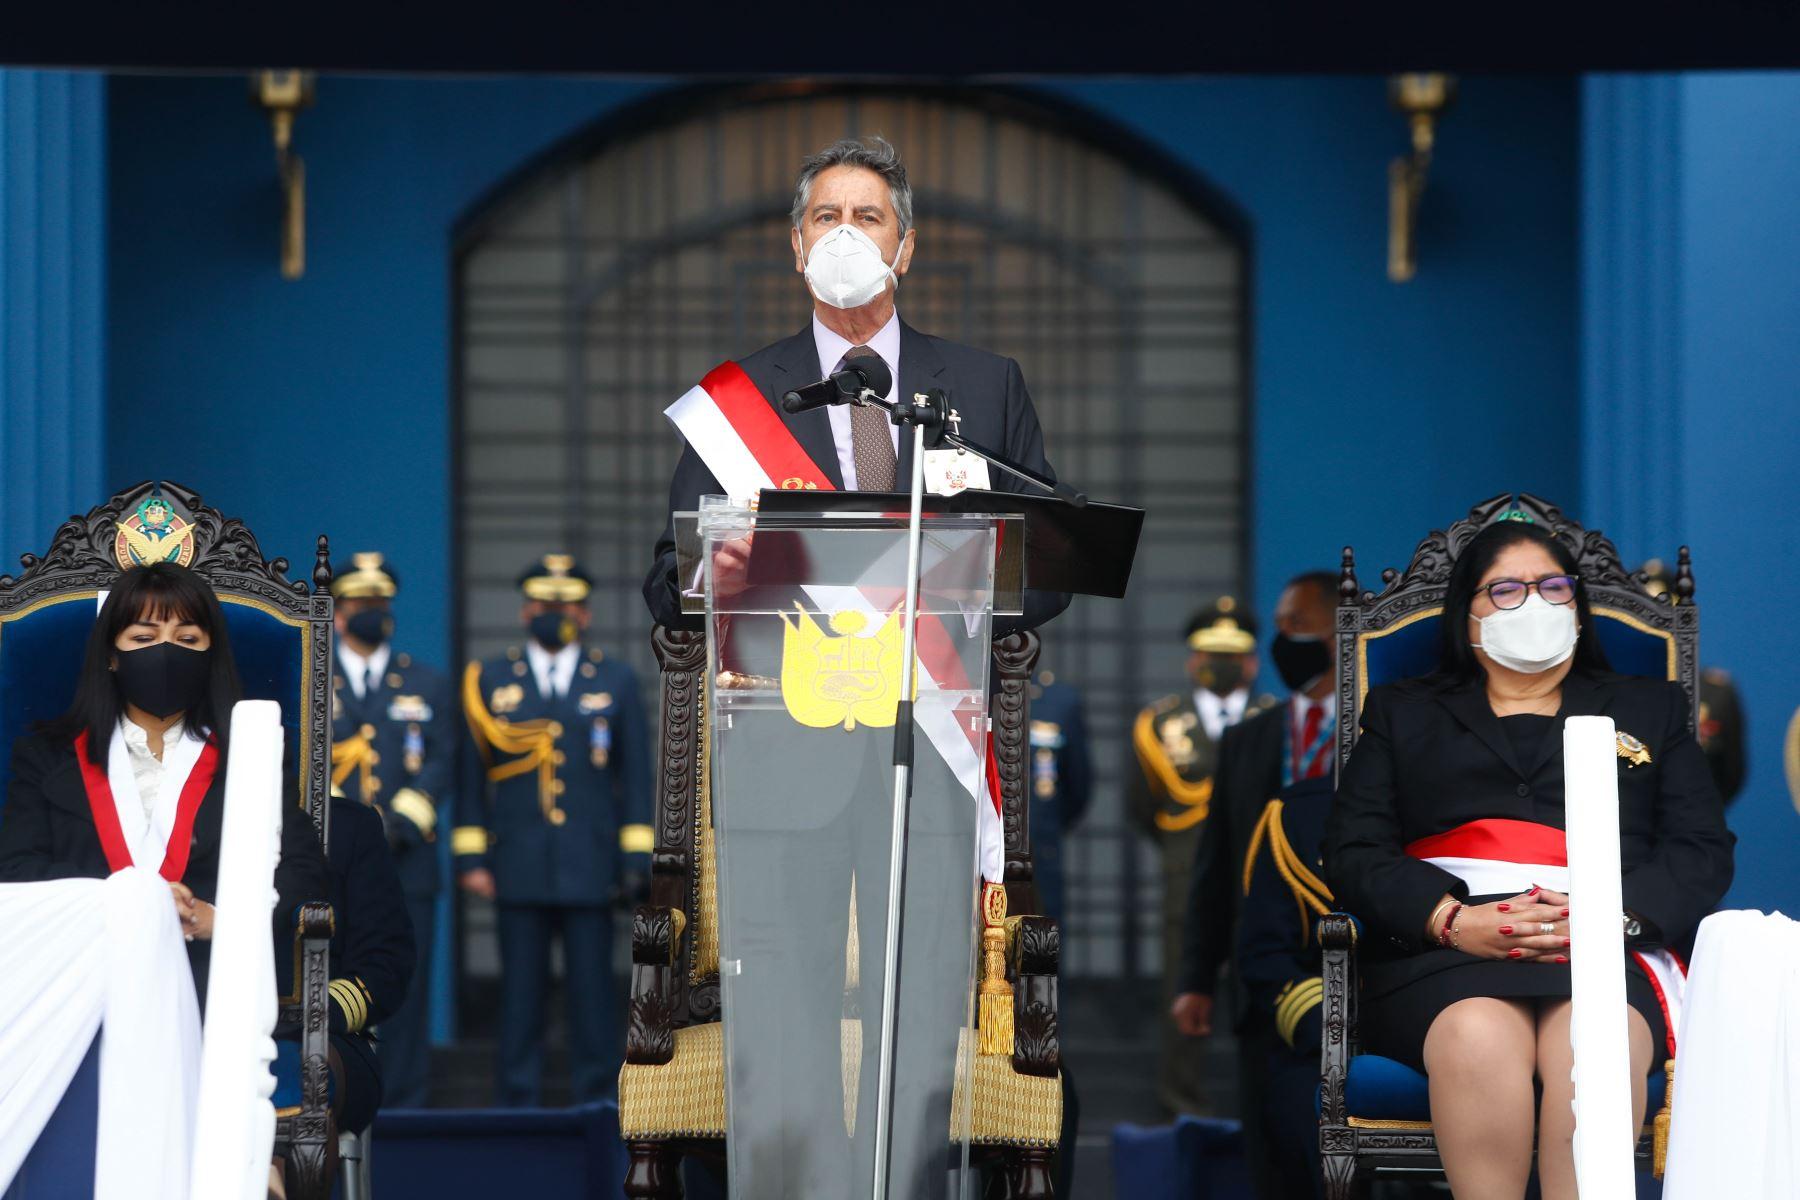 El presidente Francisco Sagasti participa en la ceremonia por el Día de la Fuerza Aérea del Perú y el 80° aniversario de la inmolación del héroe nacional capitán FAP José Abelardo Quiñones Gonzáles. Foto: ANDINA/ Prensa Presidencia